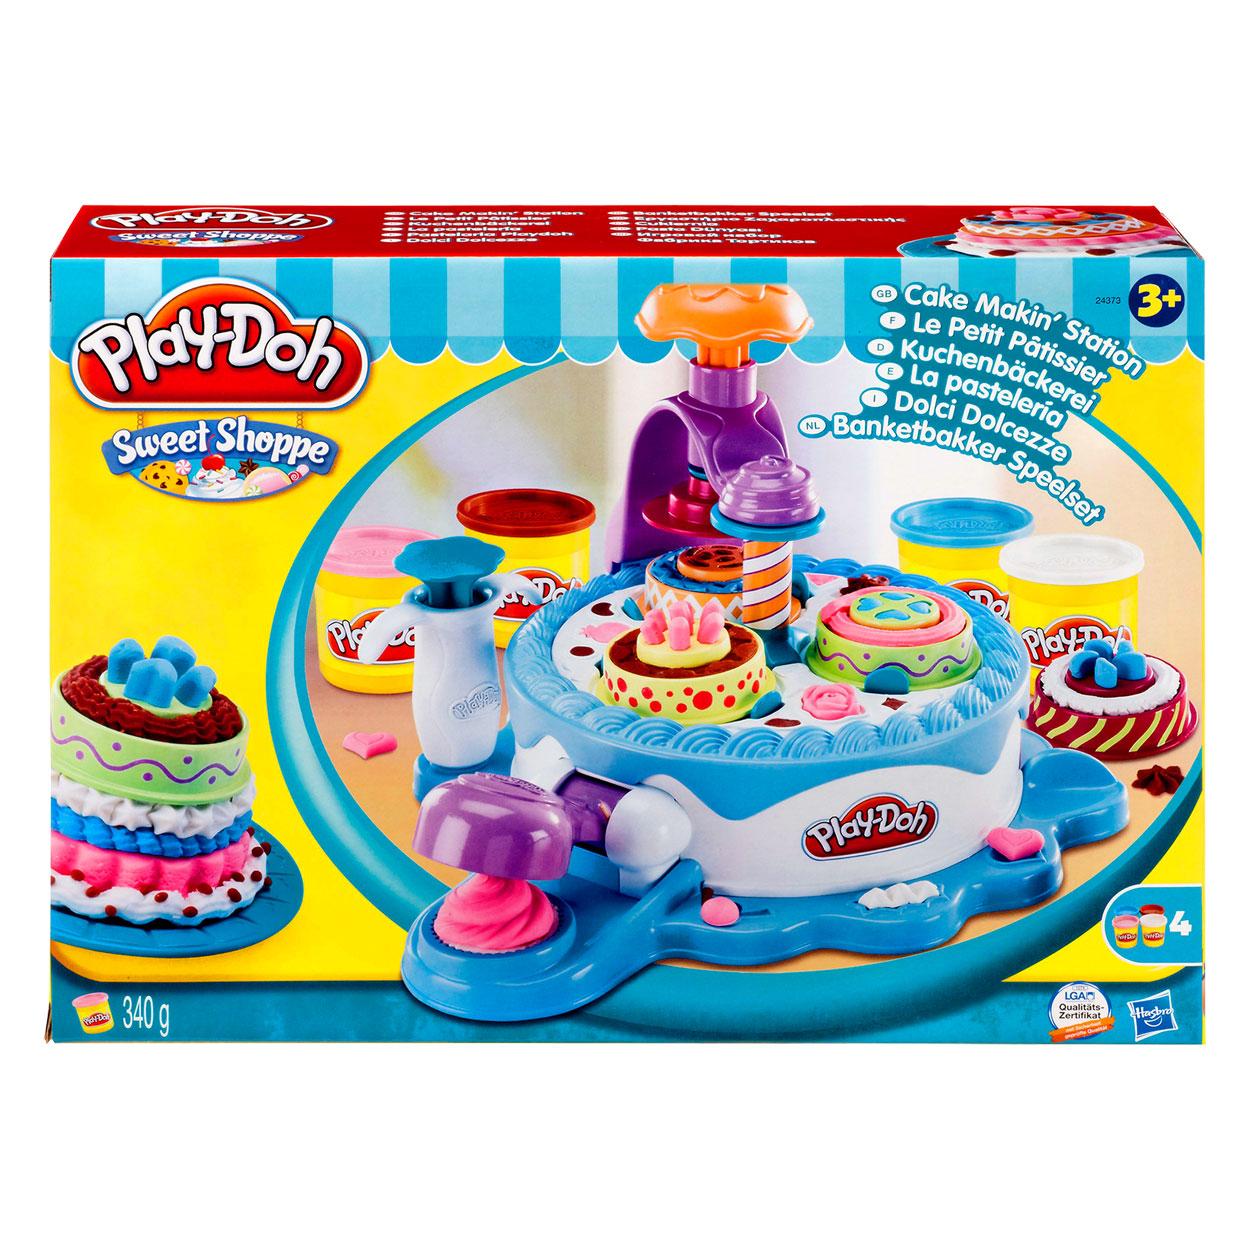 play doh taart Play Doh Banketbakker speelset online kopen | Lobbes.nl play doh taart